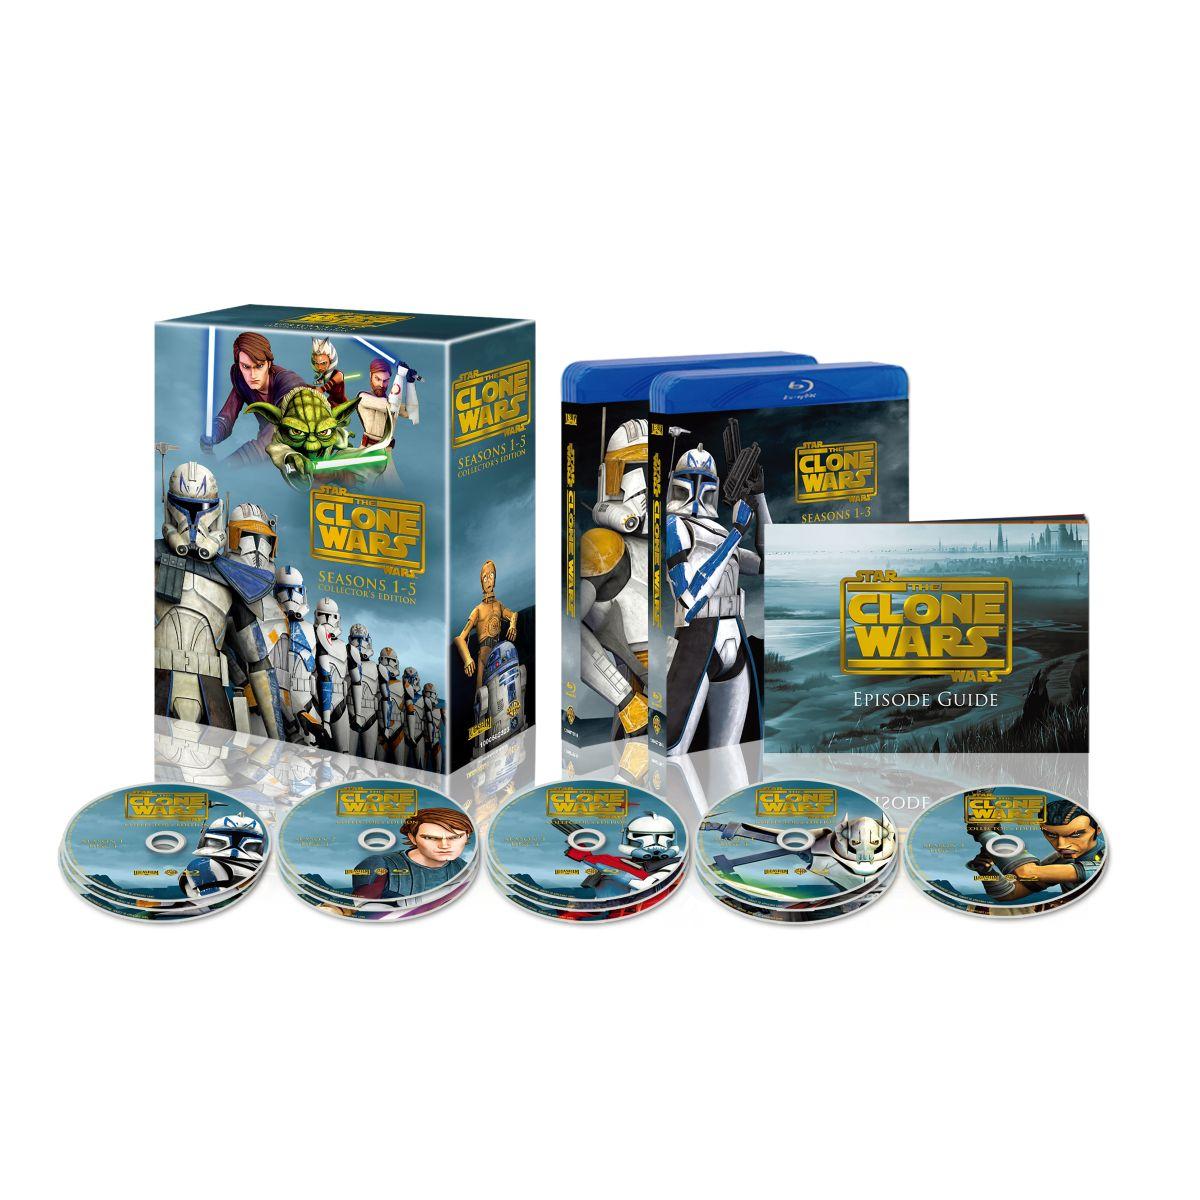 スター・ウォーズ:クローン・ウォーズ シーズン1-5 コンプリート・セット[1000582323][Blu-ray/ブルーレイ]